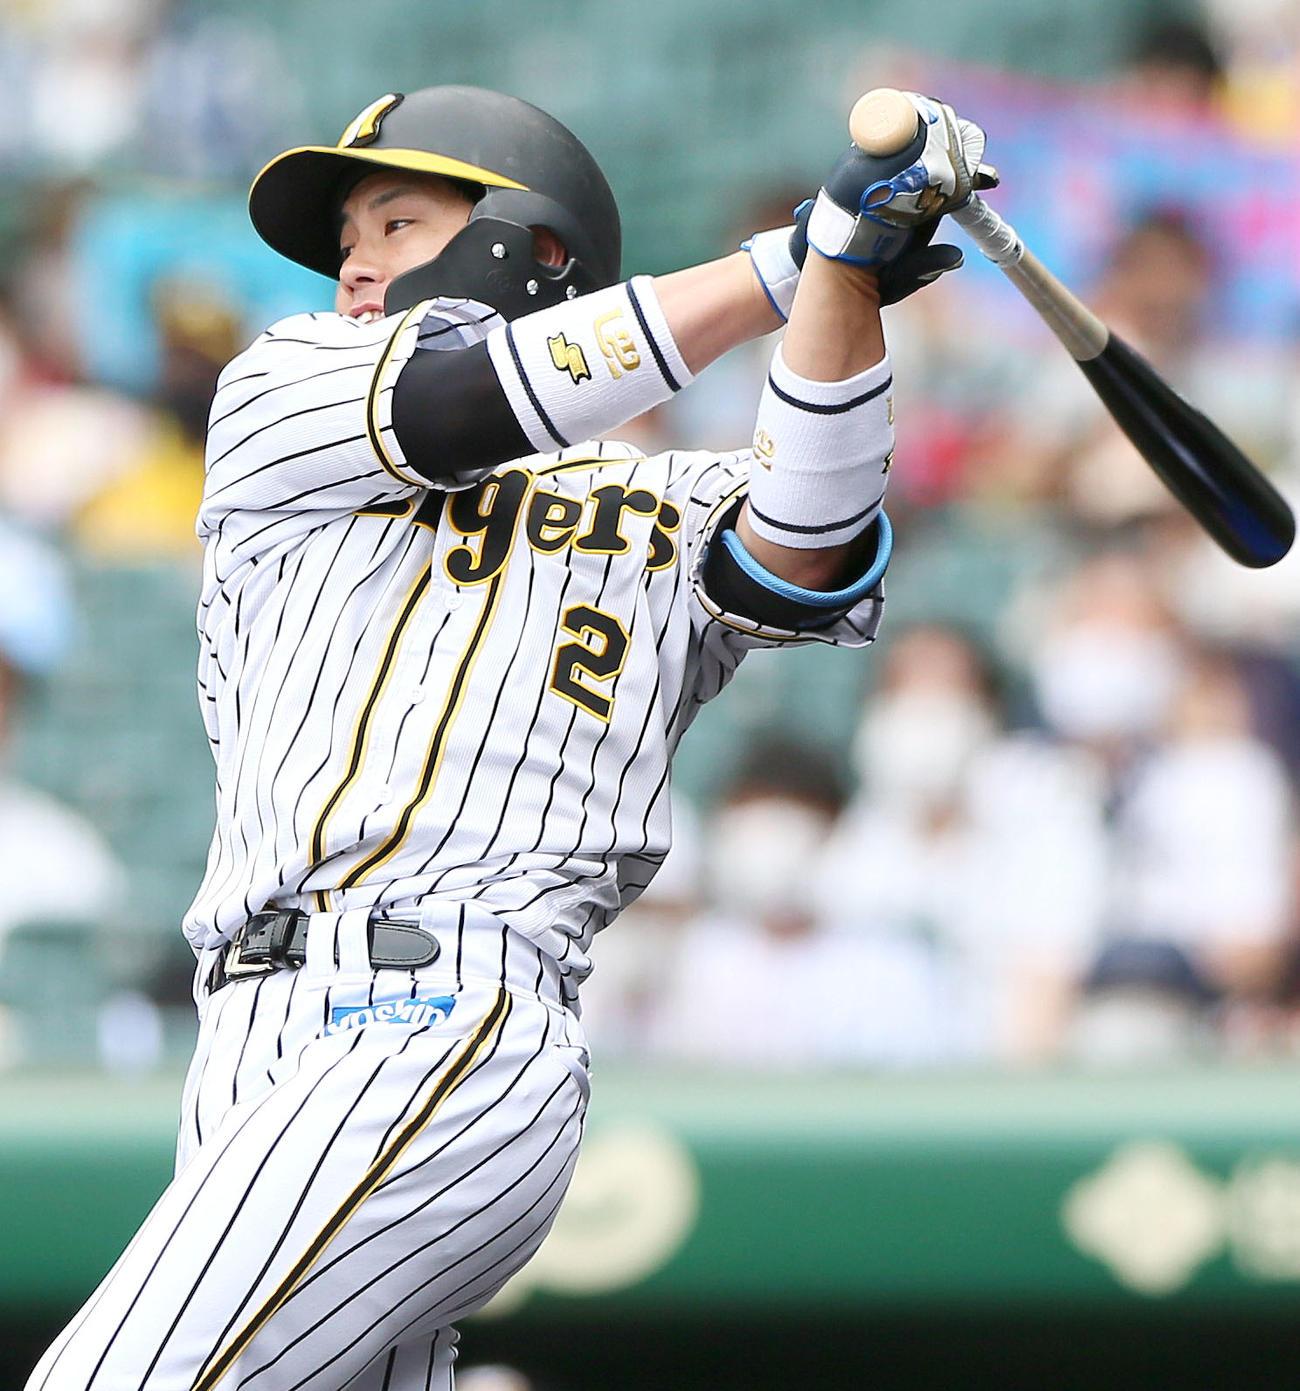 阪神梅野隆太郎、持ち味勝負強さ発揮の先制打 得点圏打率4割1分3厘 - プロ野球 : 日刊スポーツ